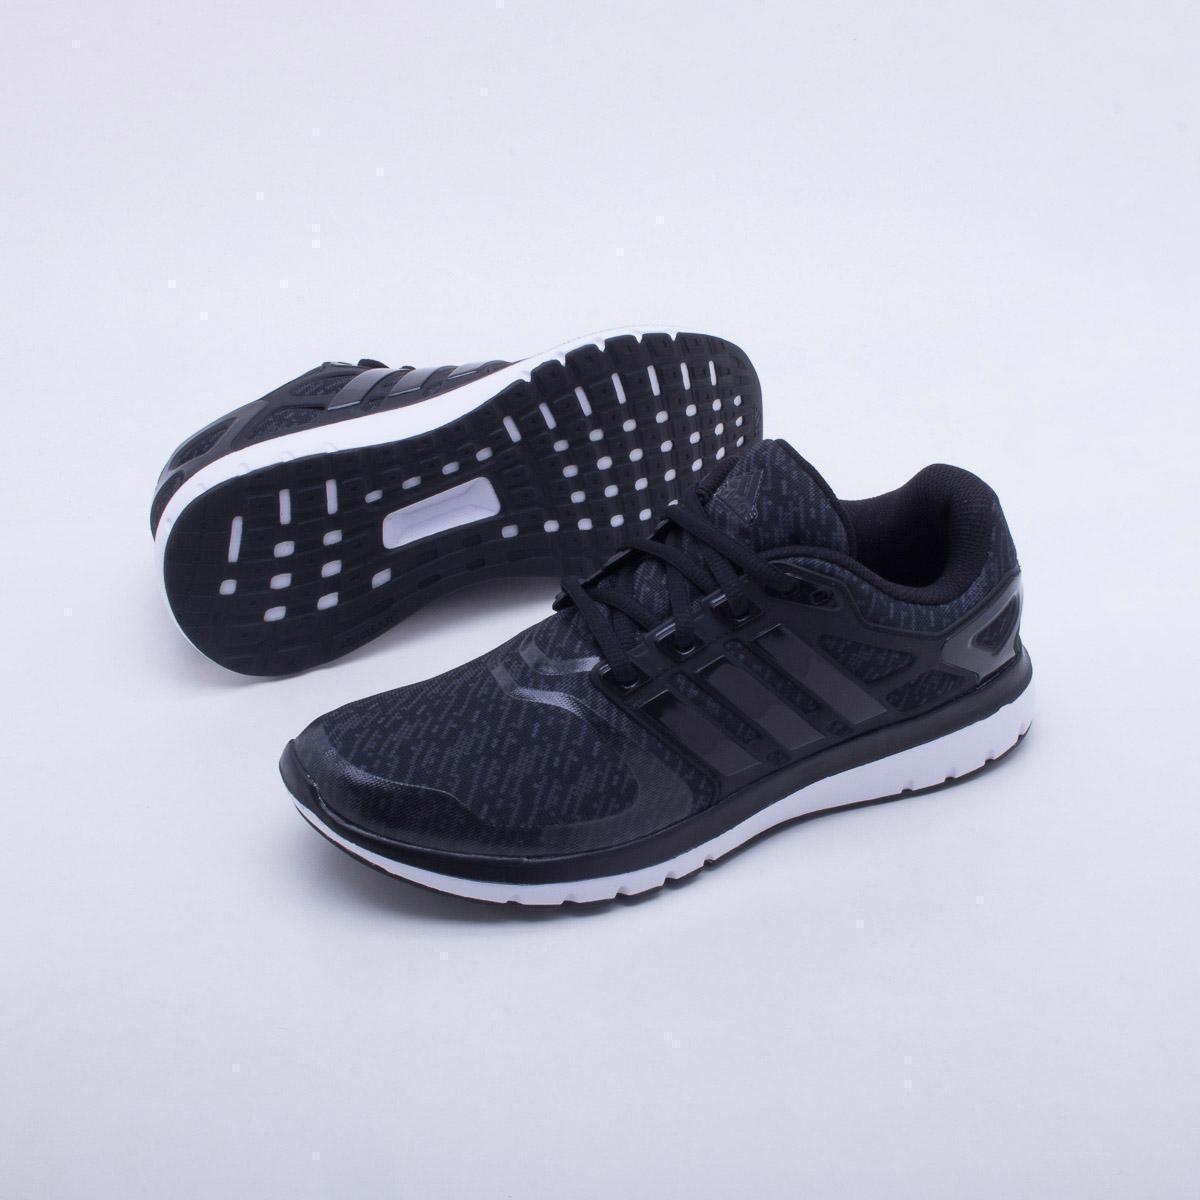 Tênis Adidas Energy Cloud Feminino - Preto - Compre Agora  45989130d55e2